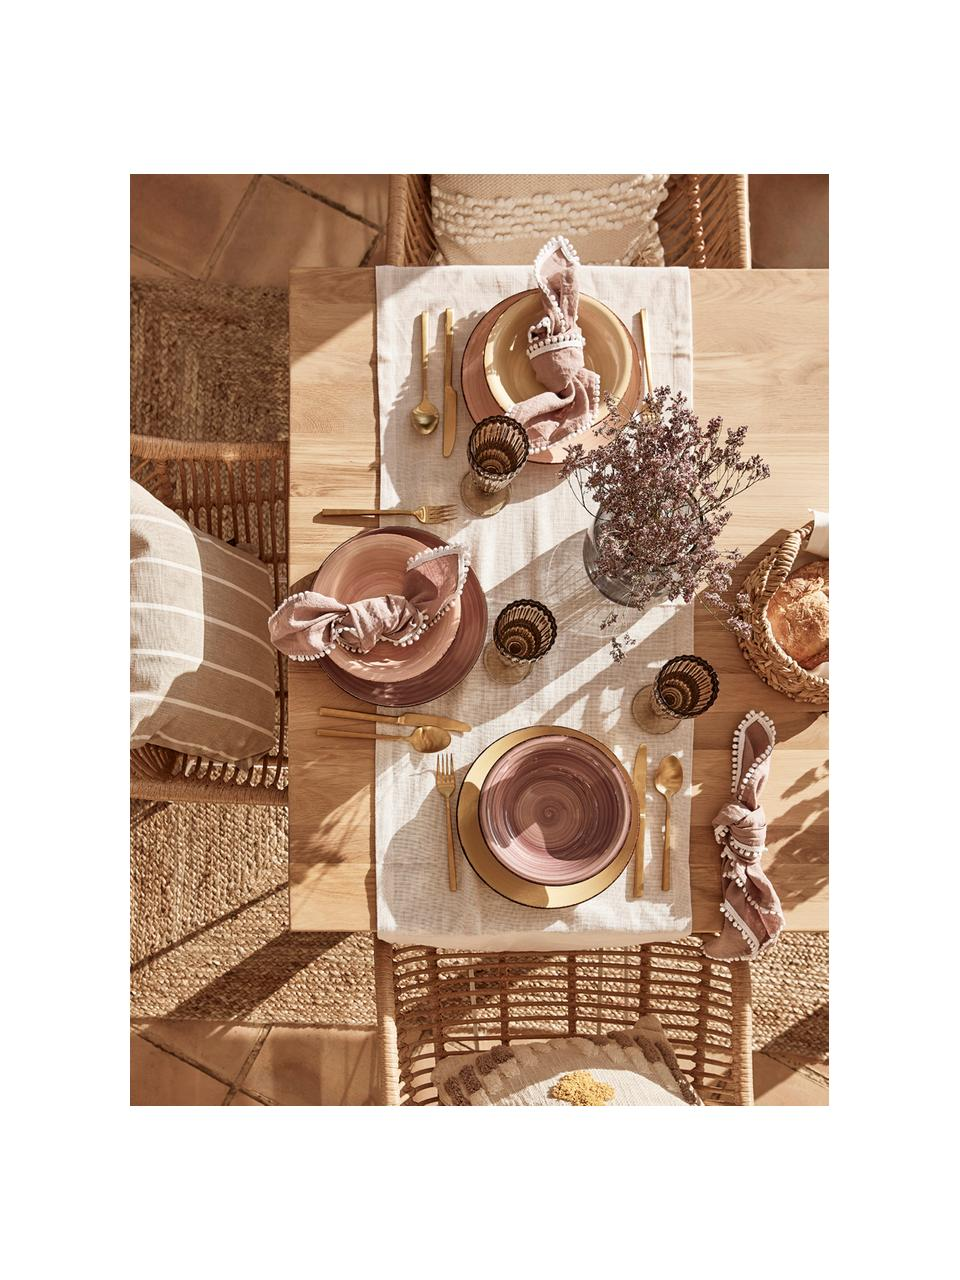 Ręcznie malowany komplet talerzy Baita, 18elem., Kamionka (twardy dolomit), ręcznie malowana, Odcienie żółtego, odcienie różowego, jasny niebieski, biały, Komplet z różnymi rozmiarami